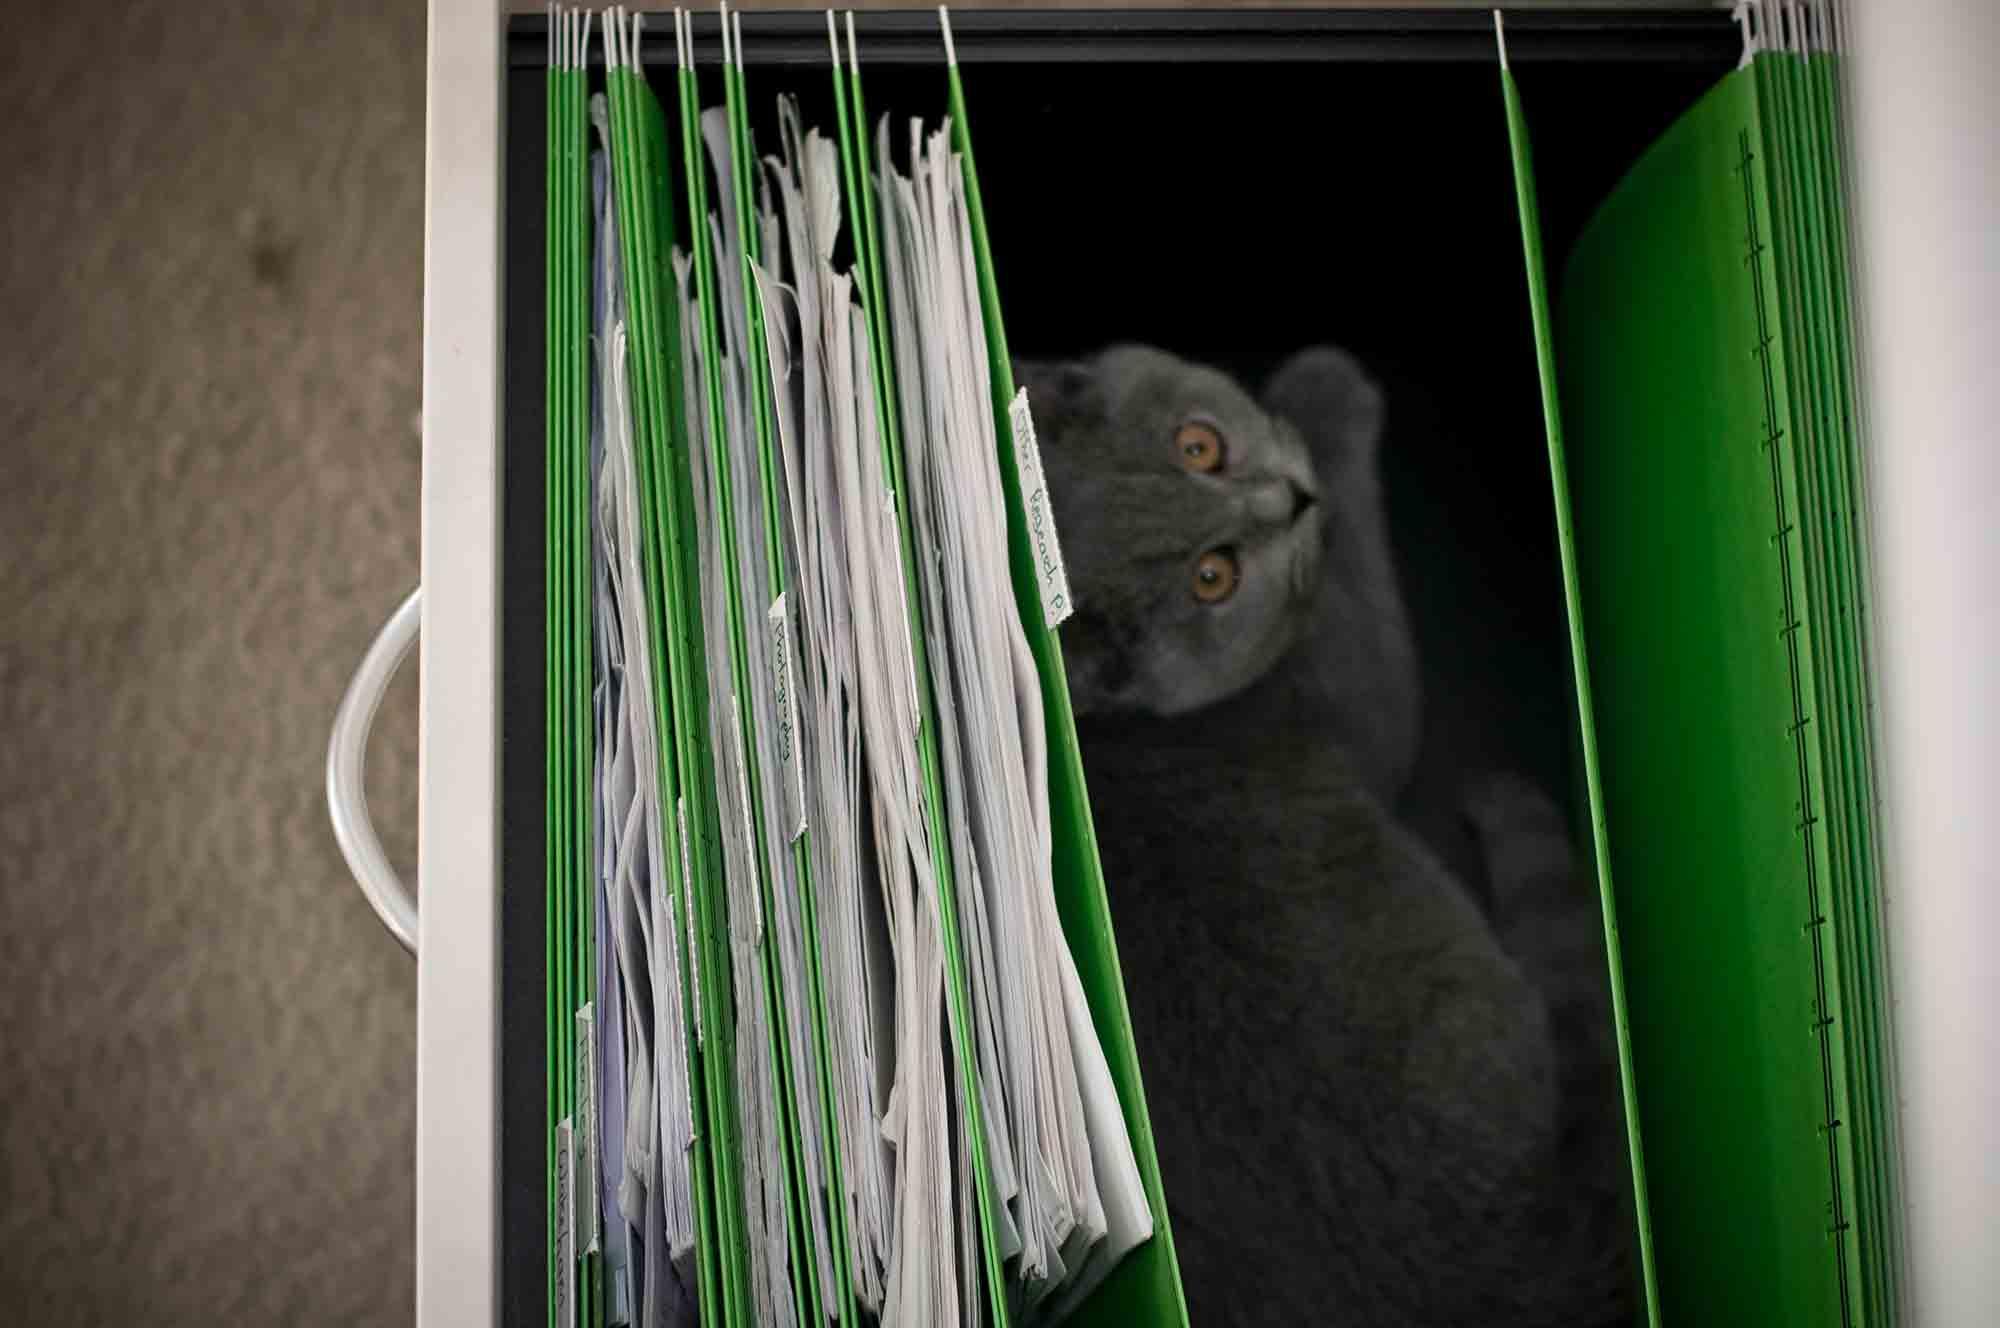 A cat sitting in a file cabinet